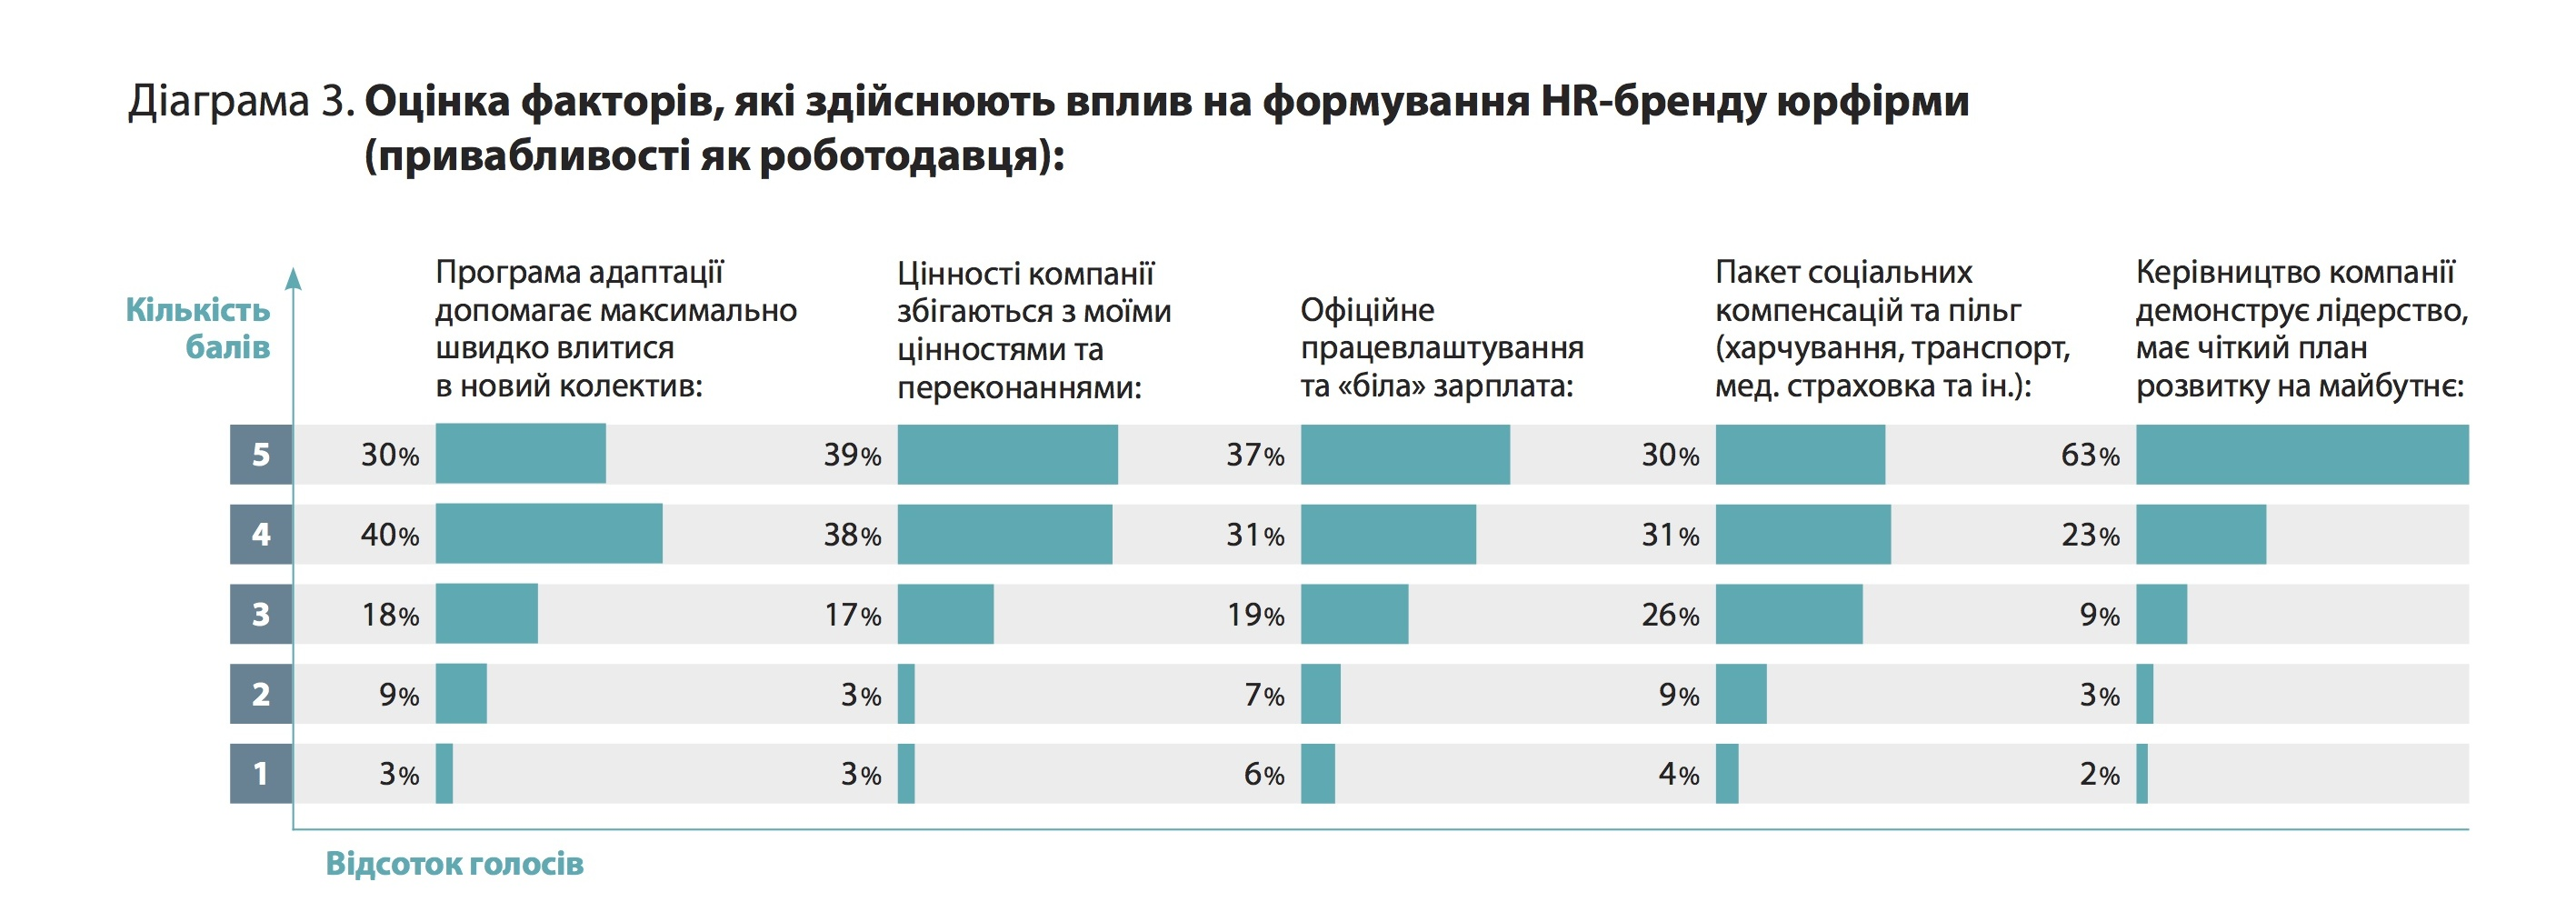 HR-бренд: юридична фірма мрії